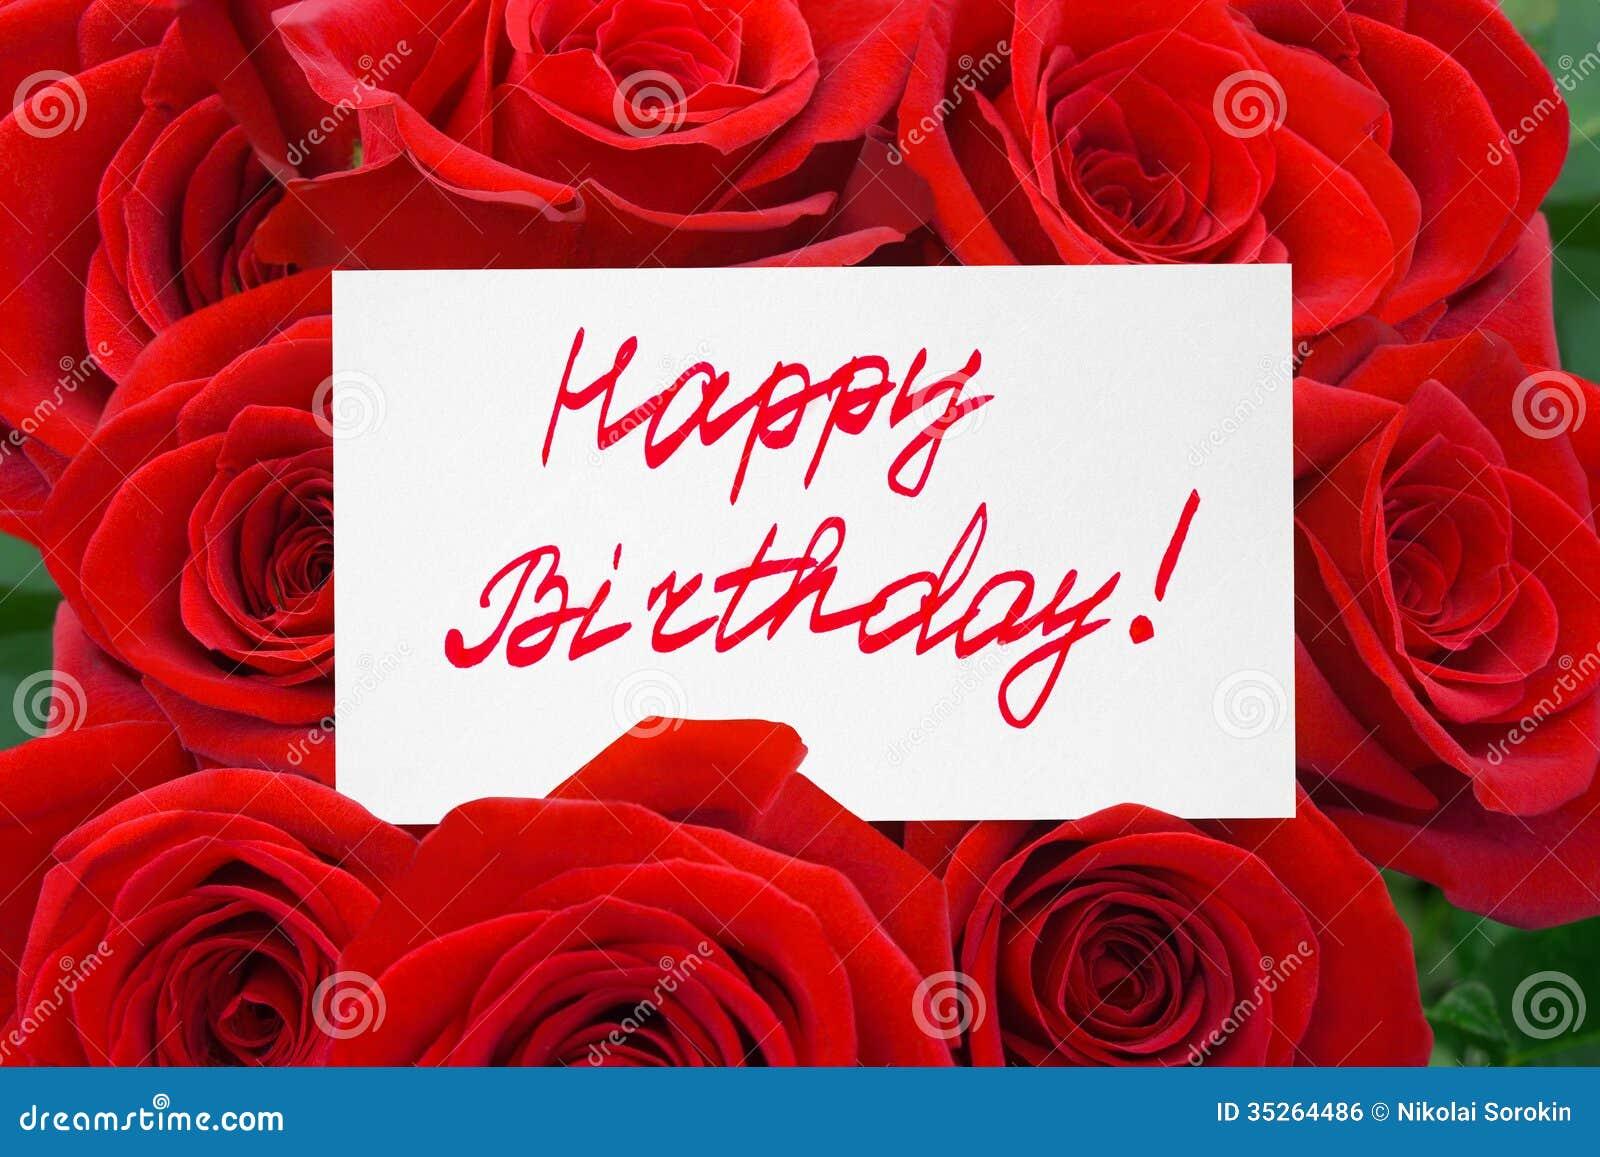 Róże i karciany wszystkiego najlepszego z okazji urodzin